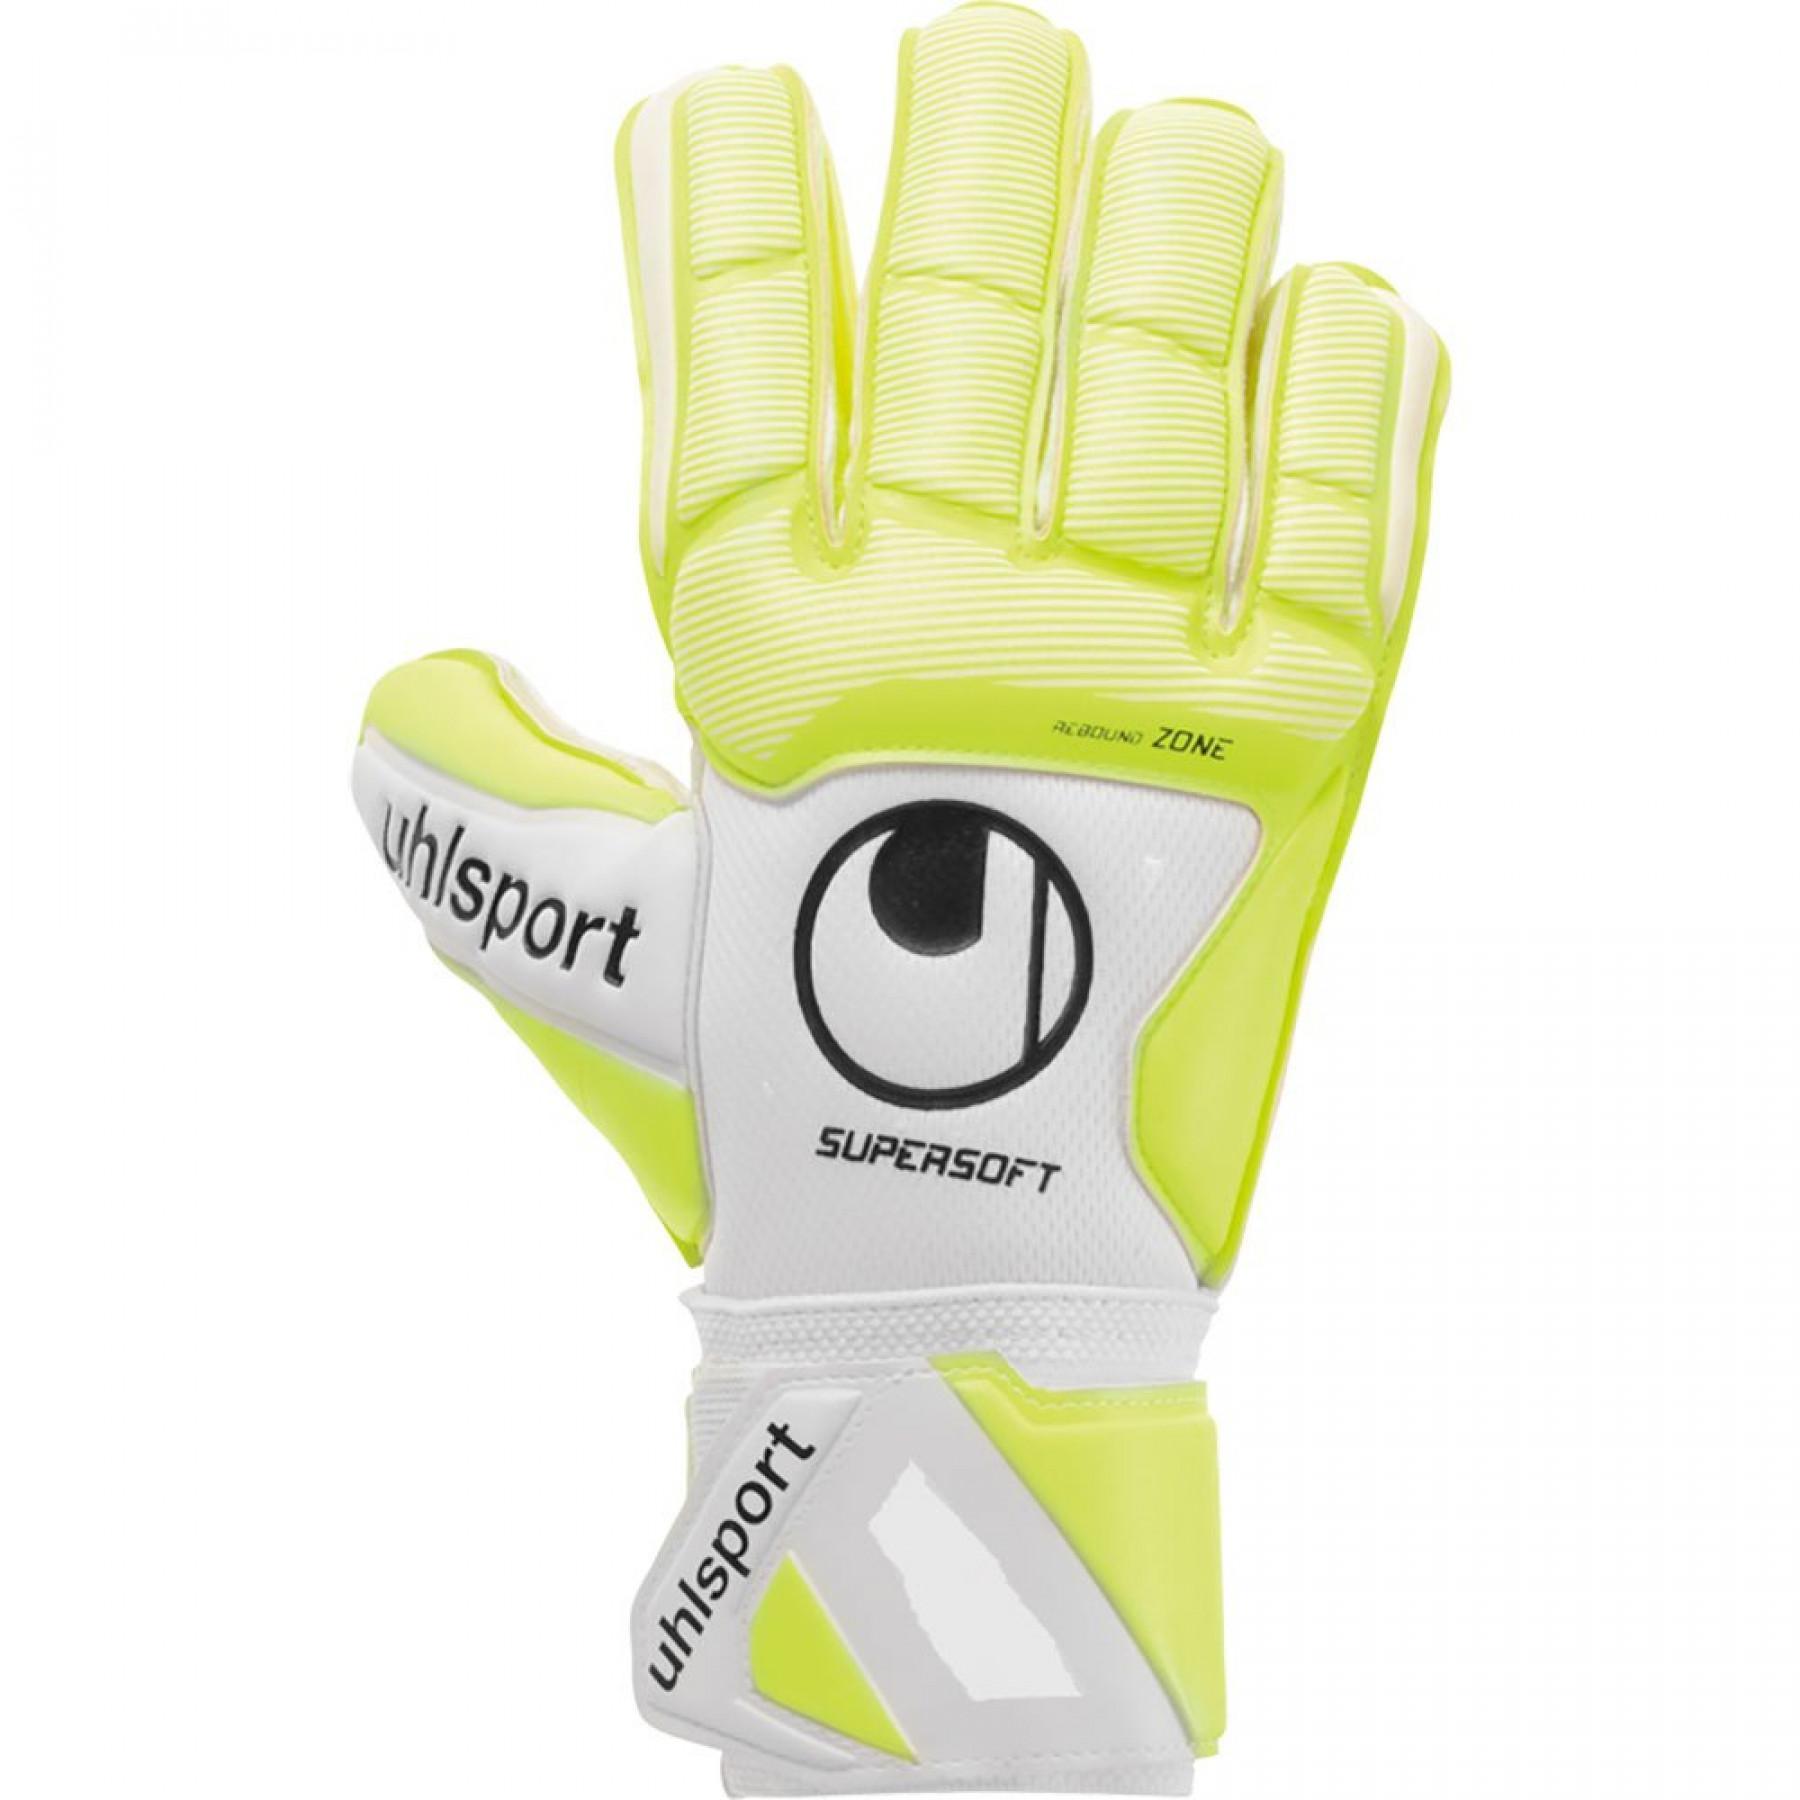 Goalkeeper gloves Uhlsport Pure Alliance Supersoft